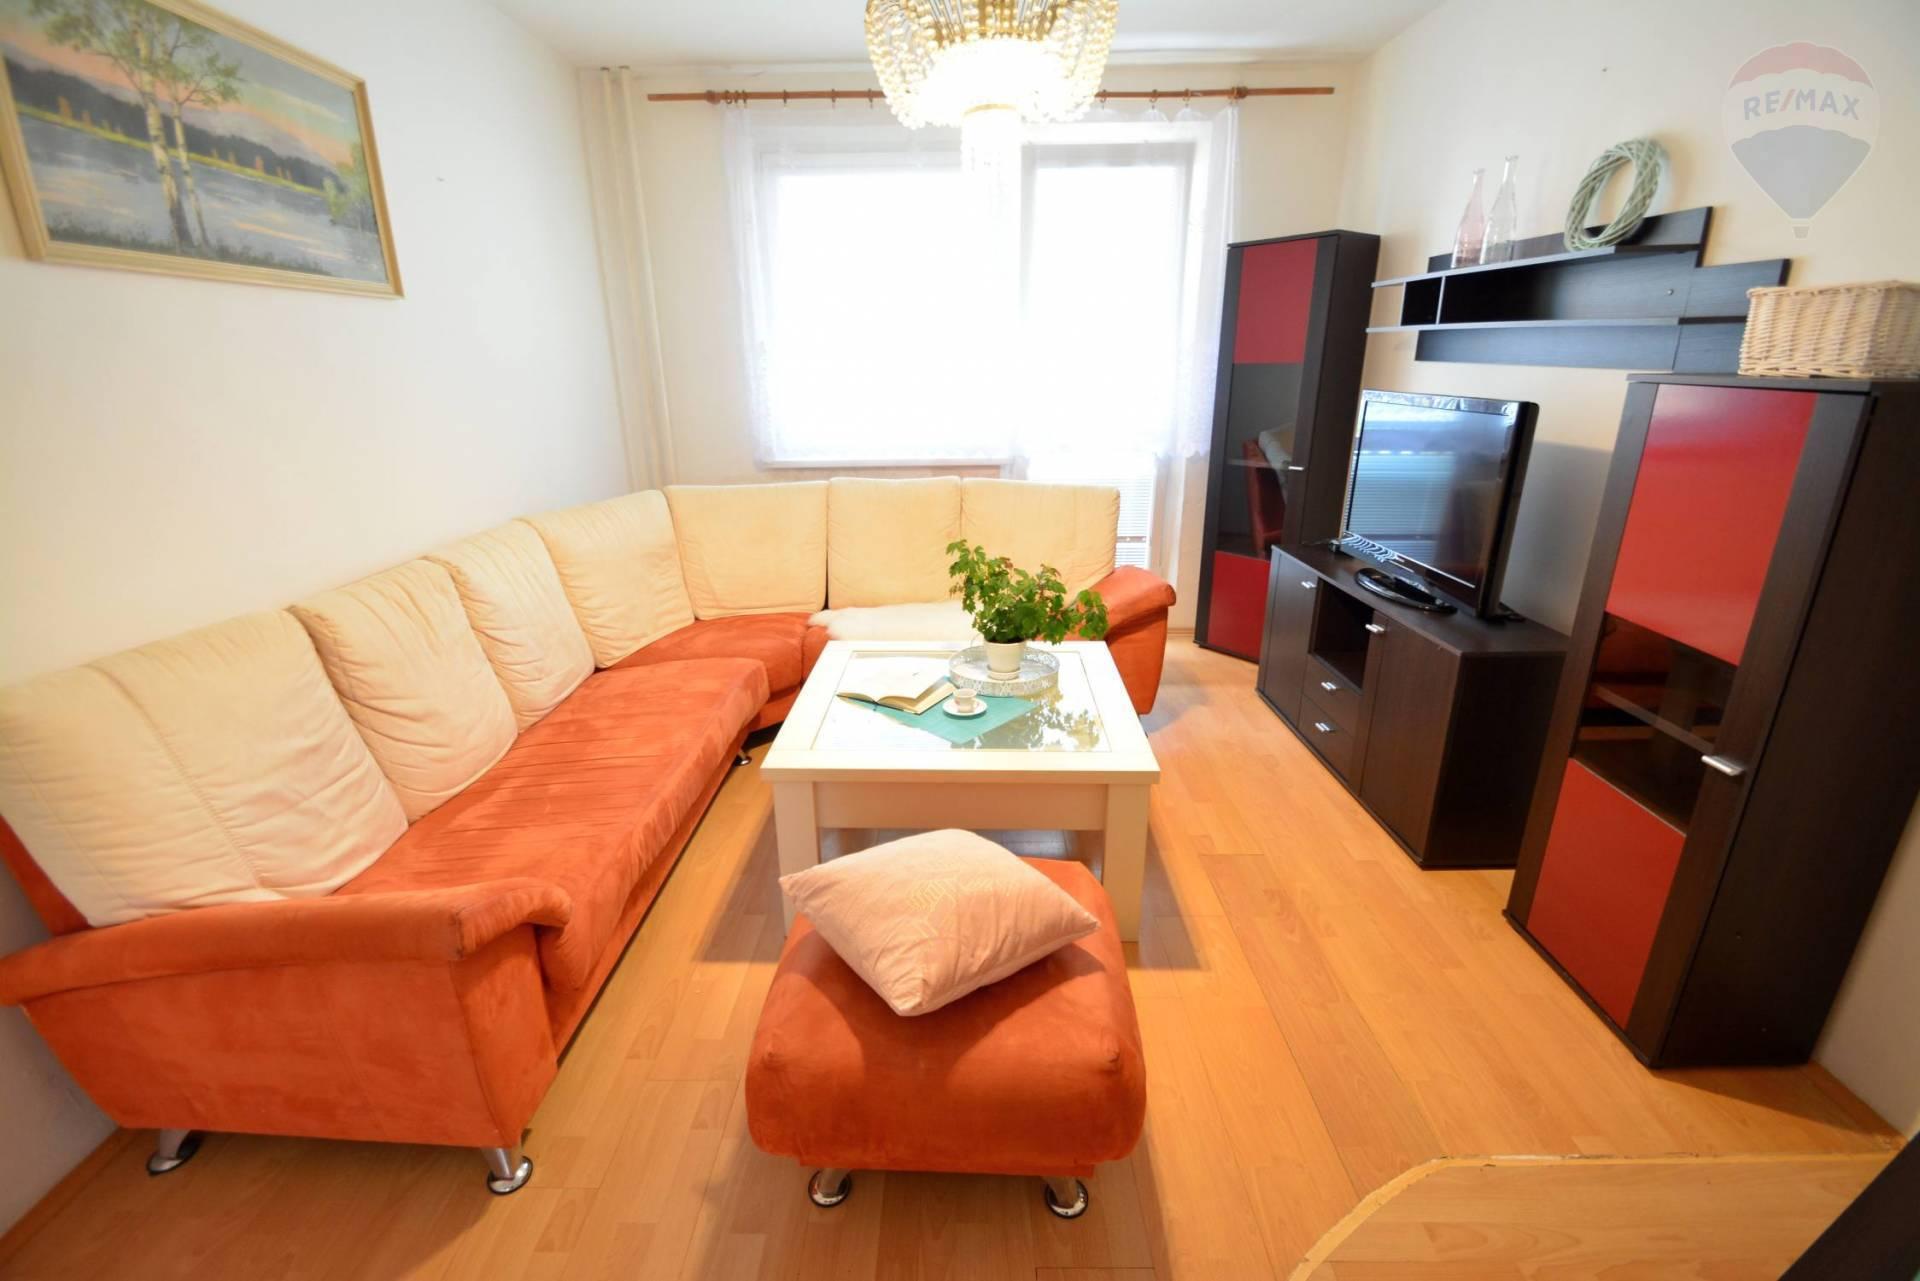 Prenájom bytu (2 izbový) 49 m2, Kežmarok - Na prenájom 2-izb.byt Kežmarok